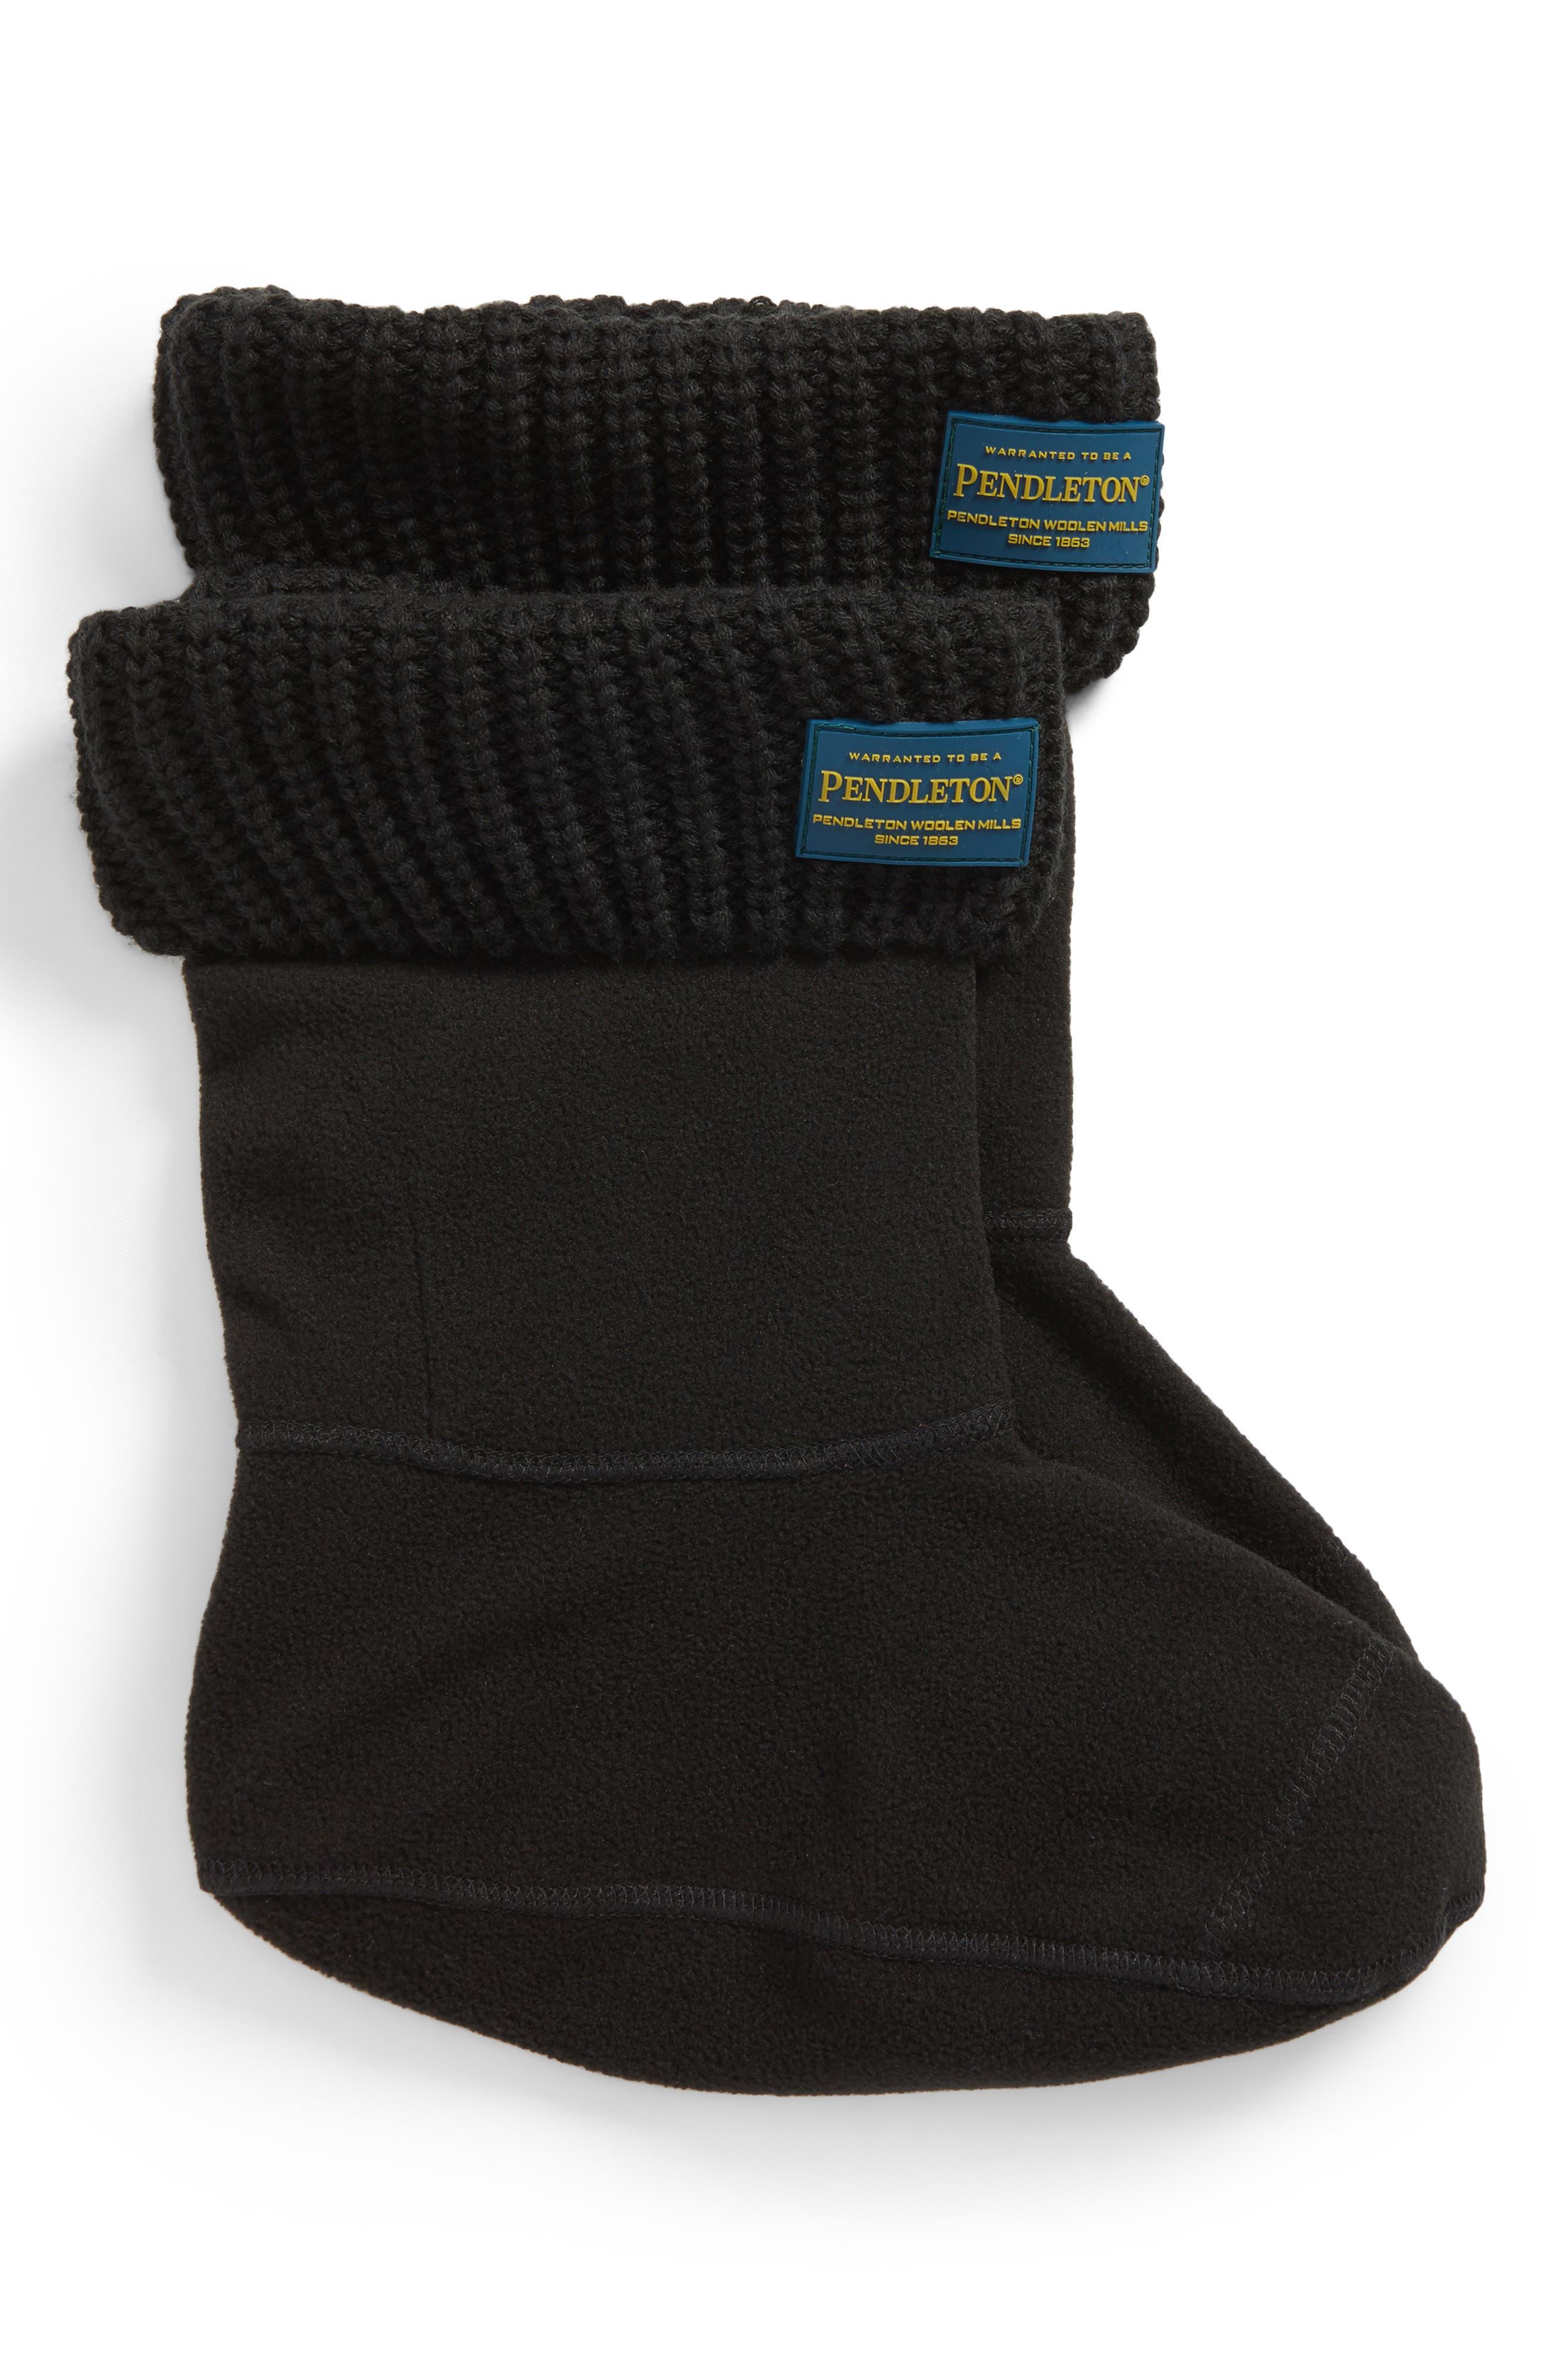 Pendleton Shaker Stitch Short Boot Liner,                             Main thumbnail 1, color,                             BLACK